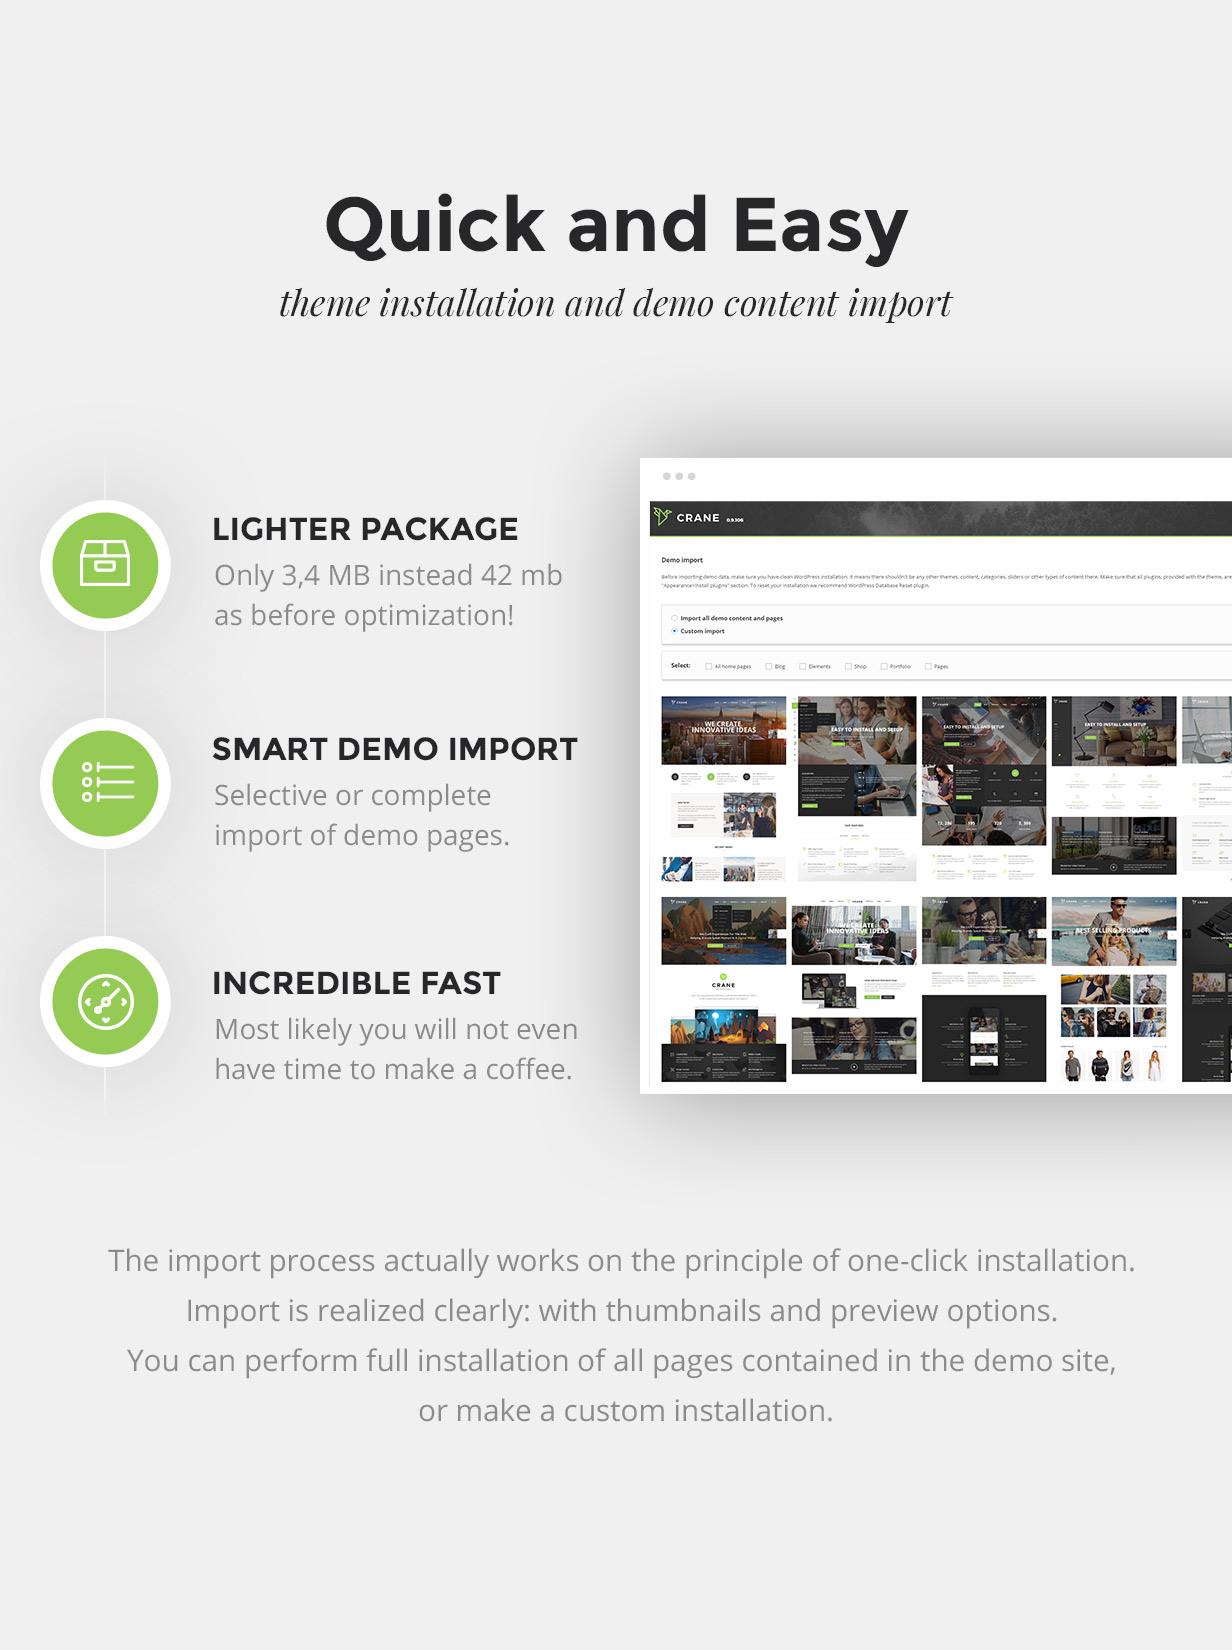 Instalação inteligente e fácil e importação de demonstração com um clique